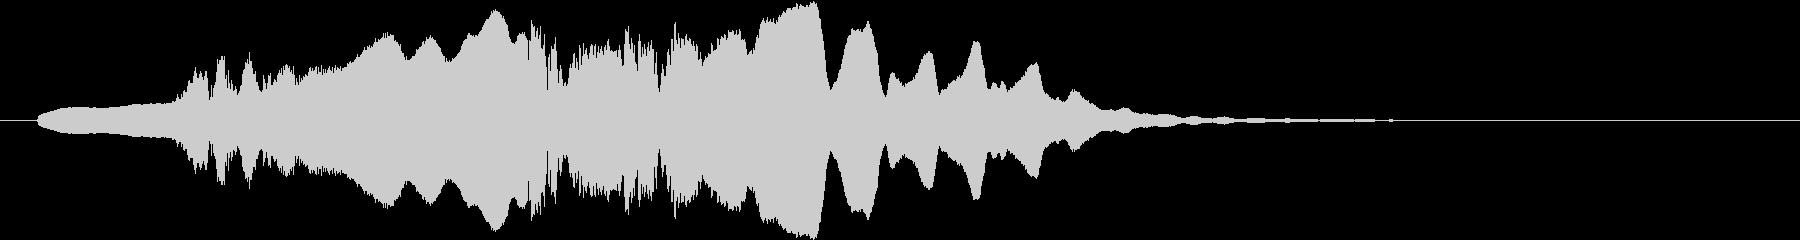 尺八ソロによるジングル_01の未再生の波形